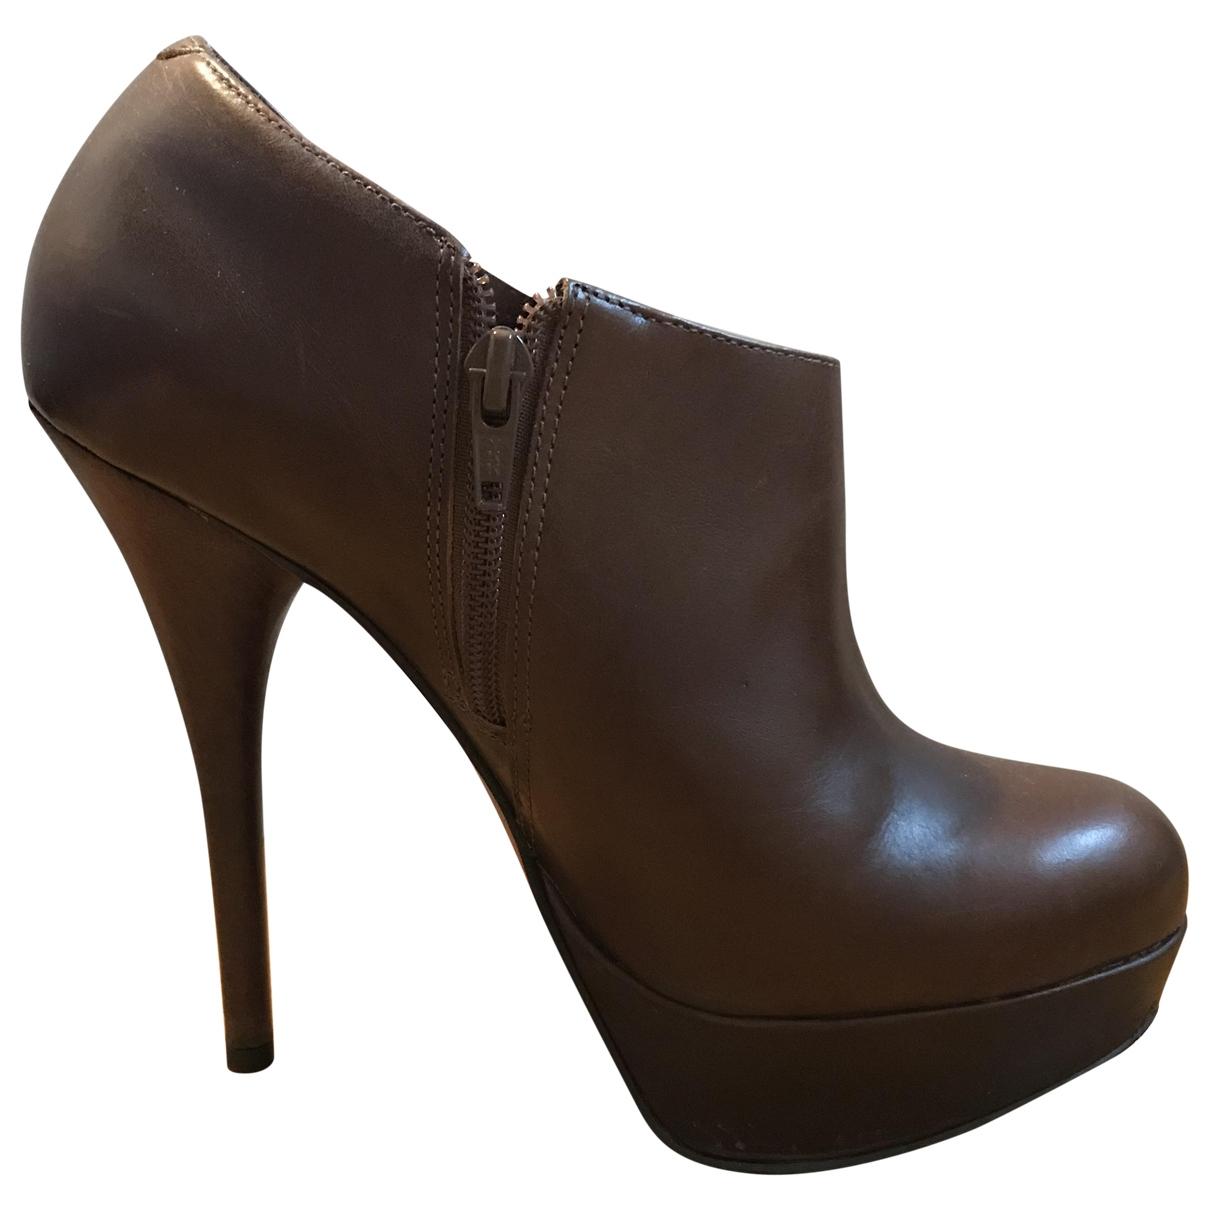 Kurt Geiger - Boots   pour femme en cuir - marron